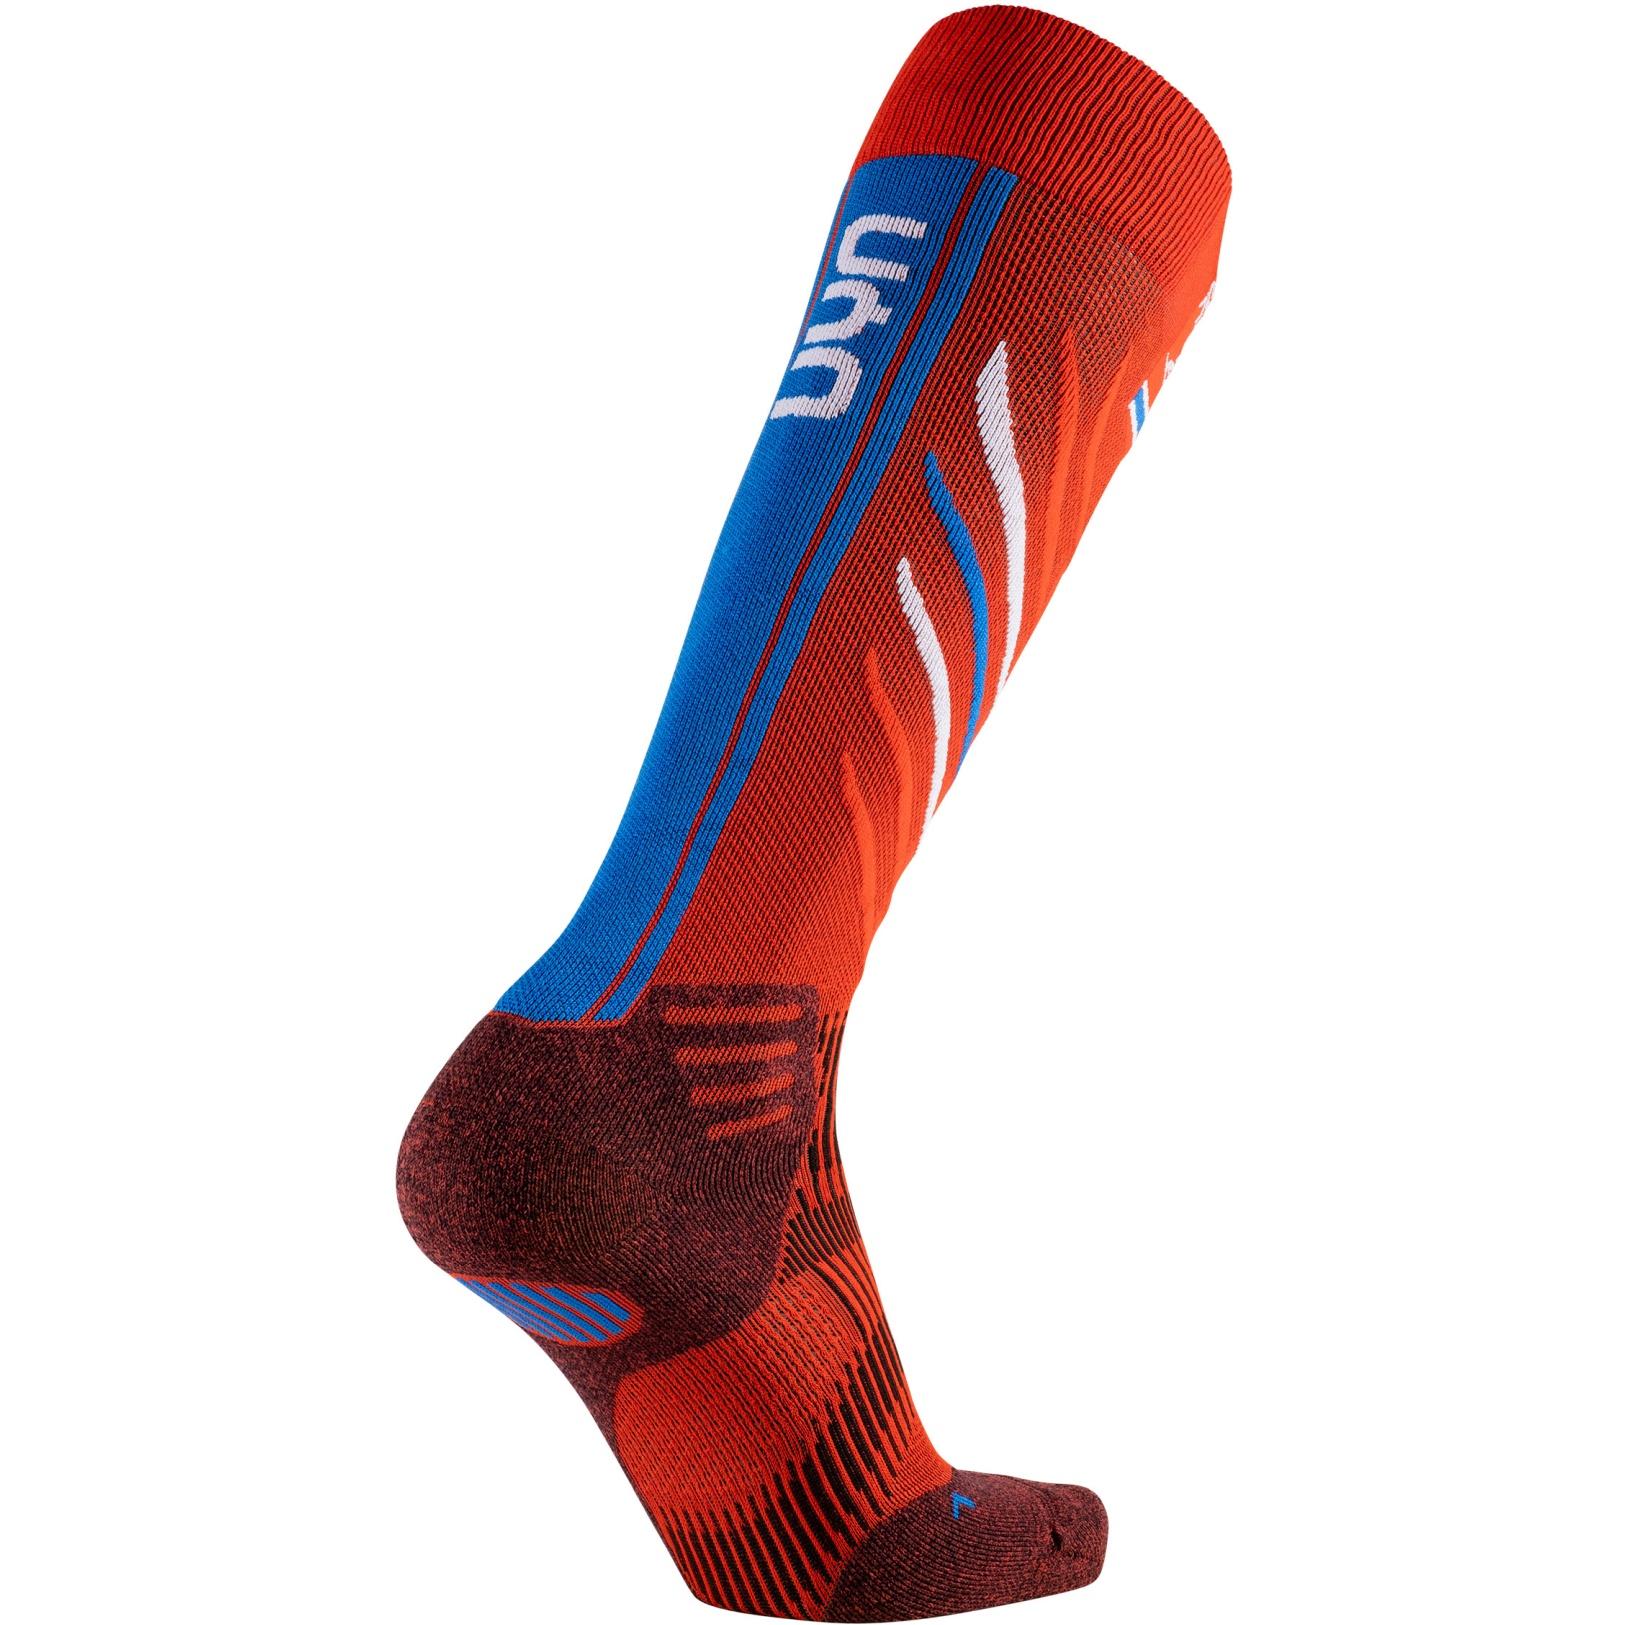 Image of UYN Natyon 2.0 Men's Ski Socks - Norway